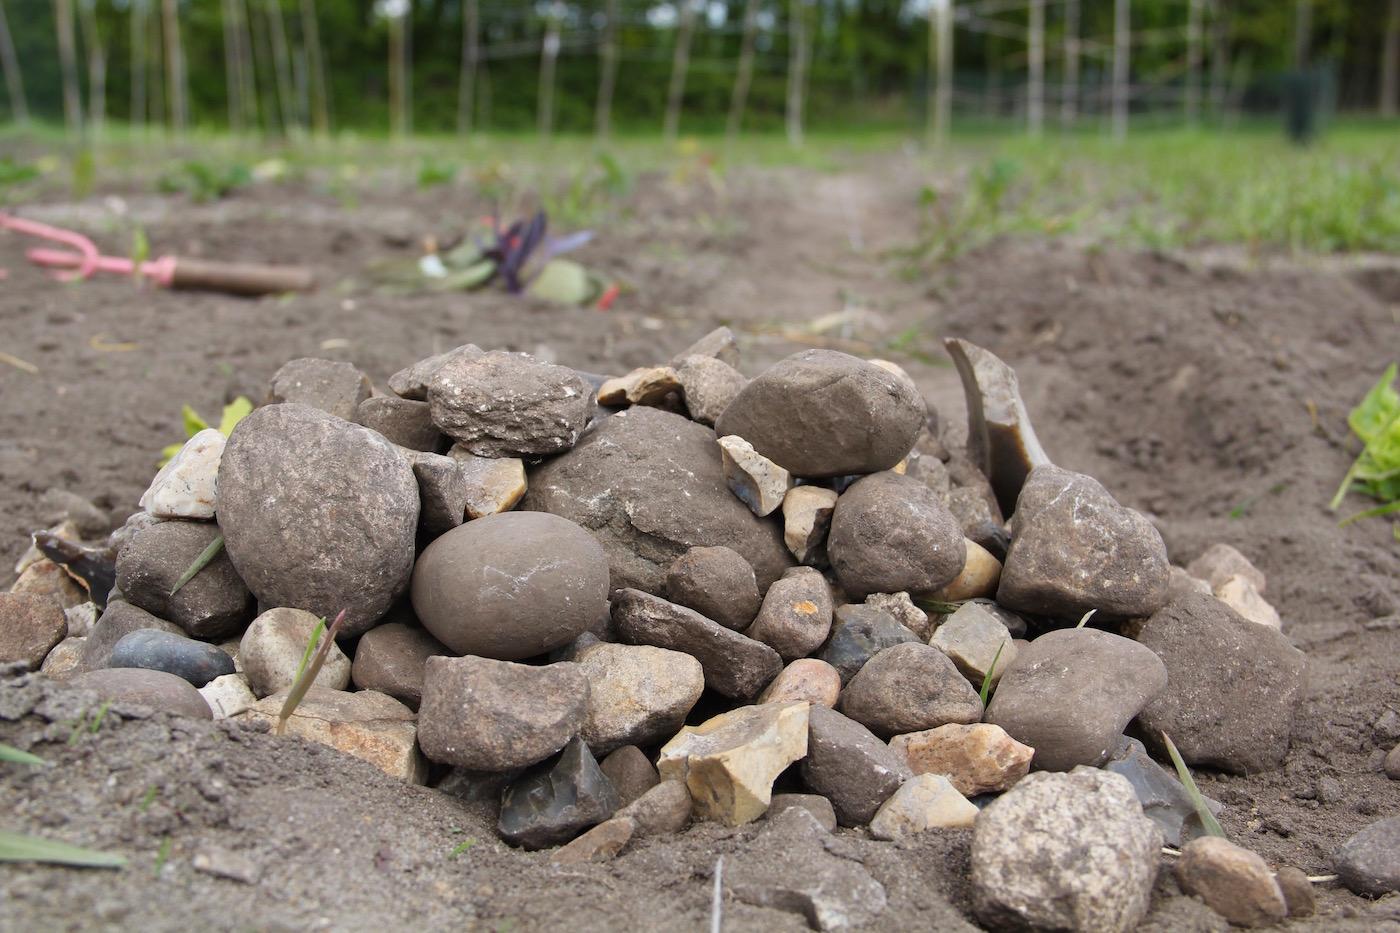 Steinhaufen auf dem Acker